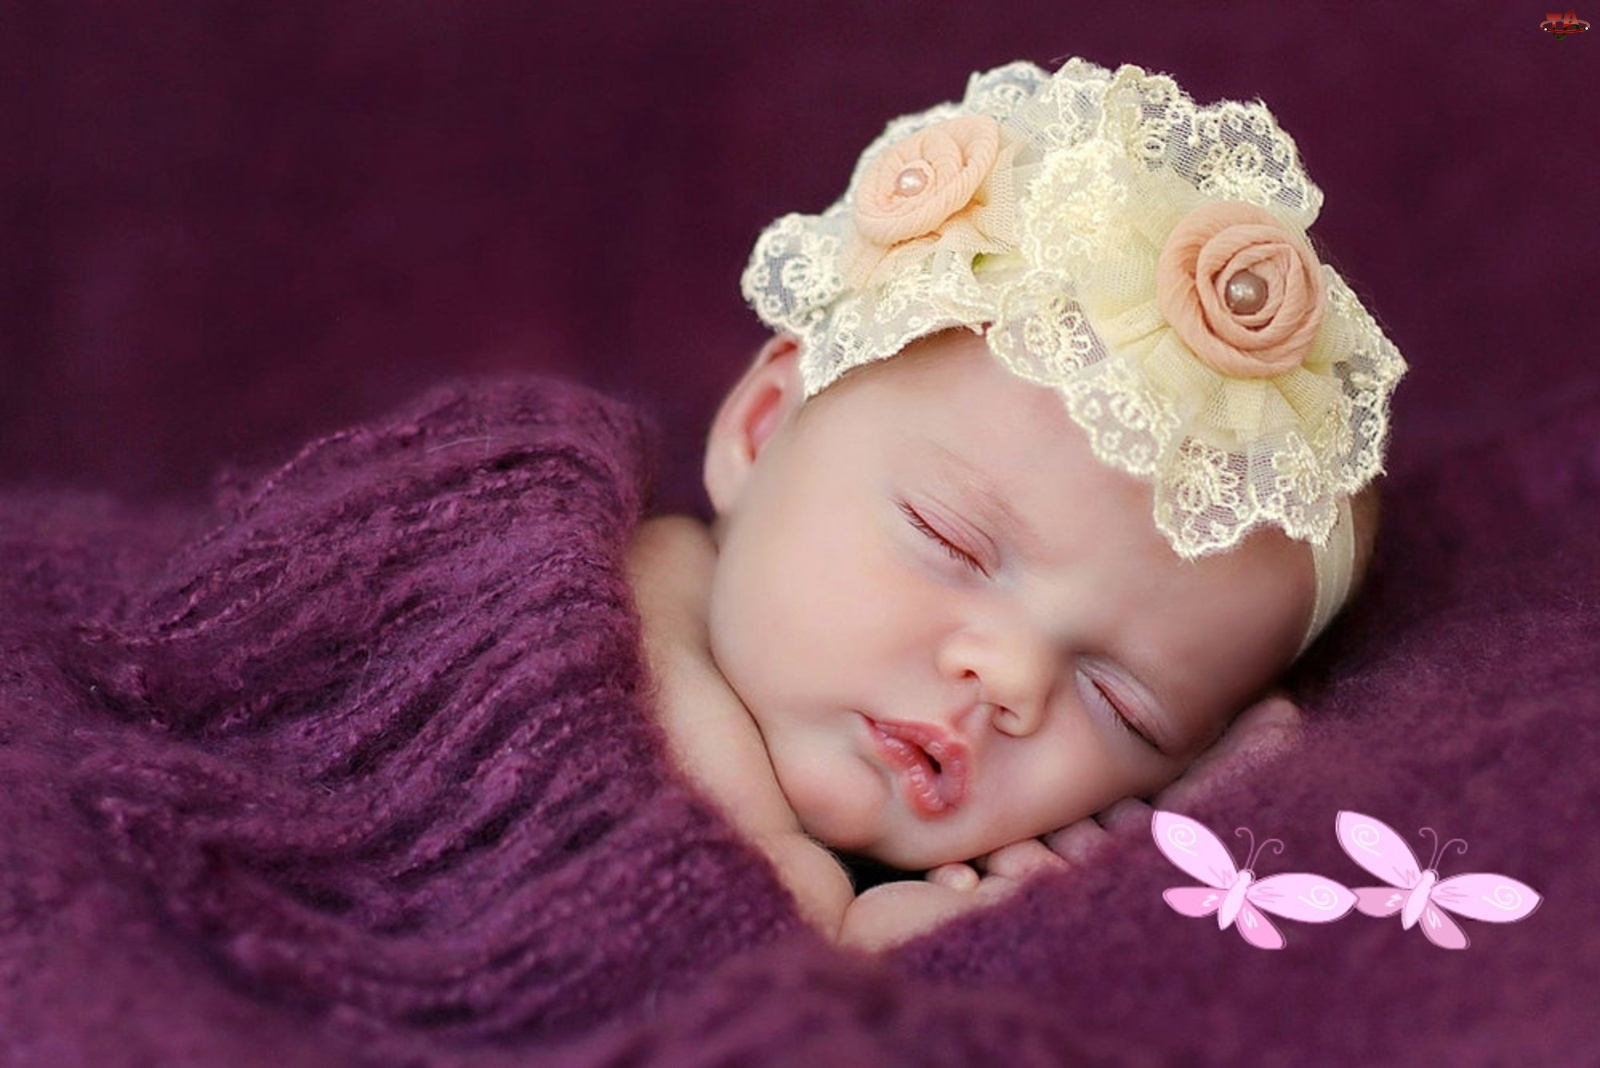 بالصور صور طفل جميل , بيبي كيوت غاية في الشقاوة والروعة 2692 4